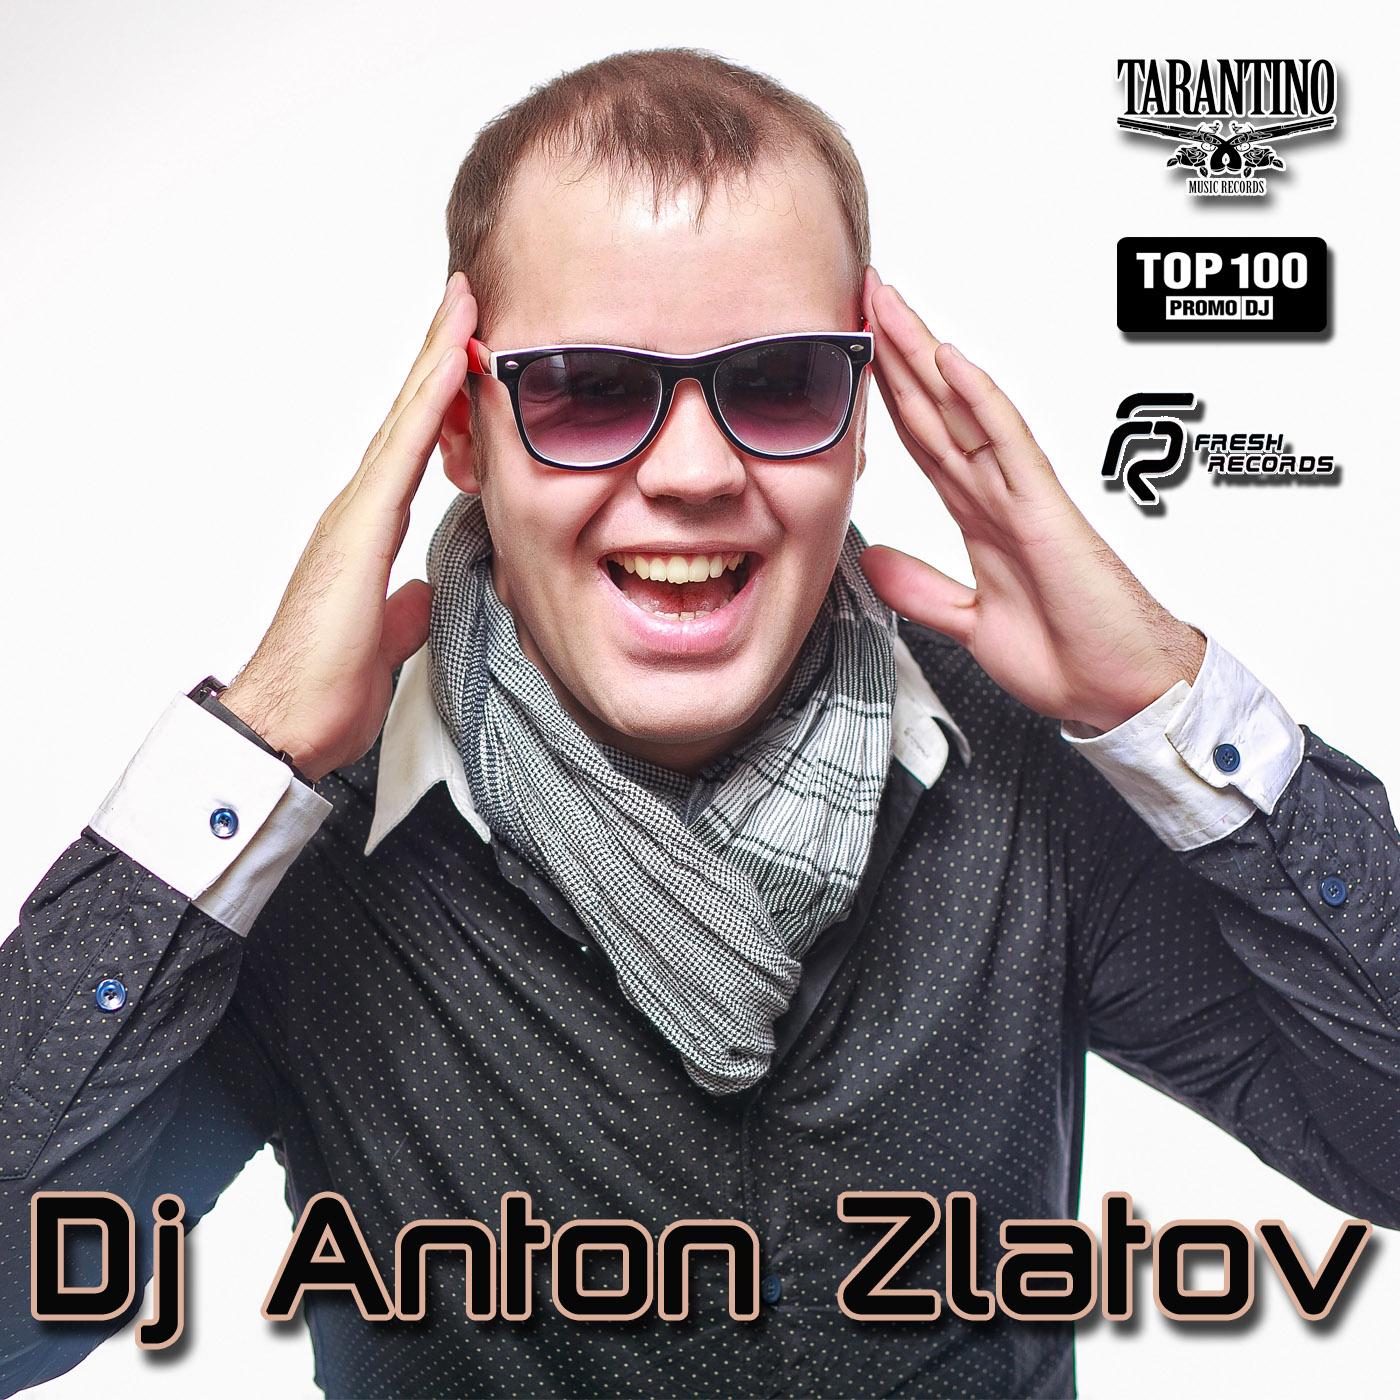 Dj Anton Zlatov